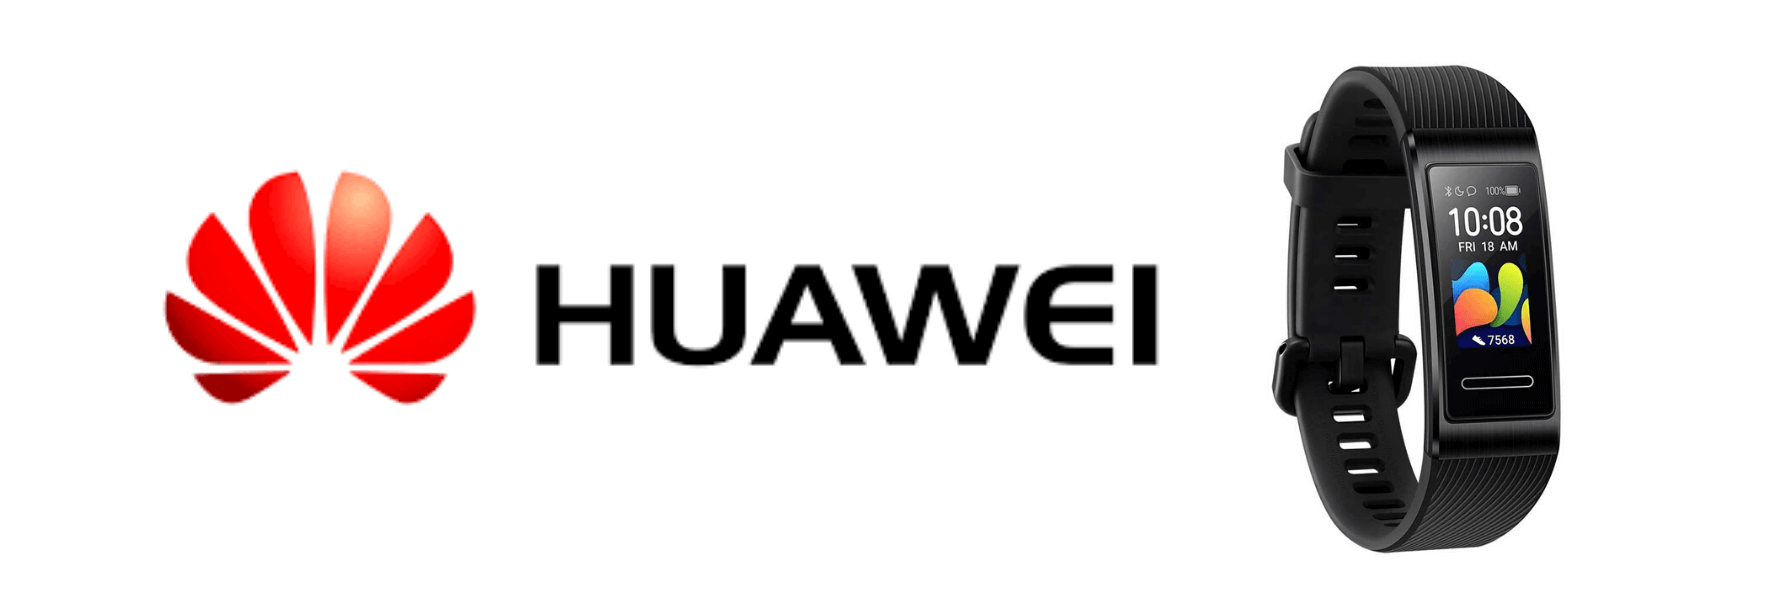 HUAWEIのスマートバンド